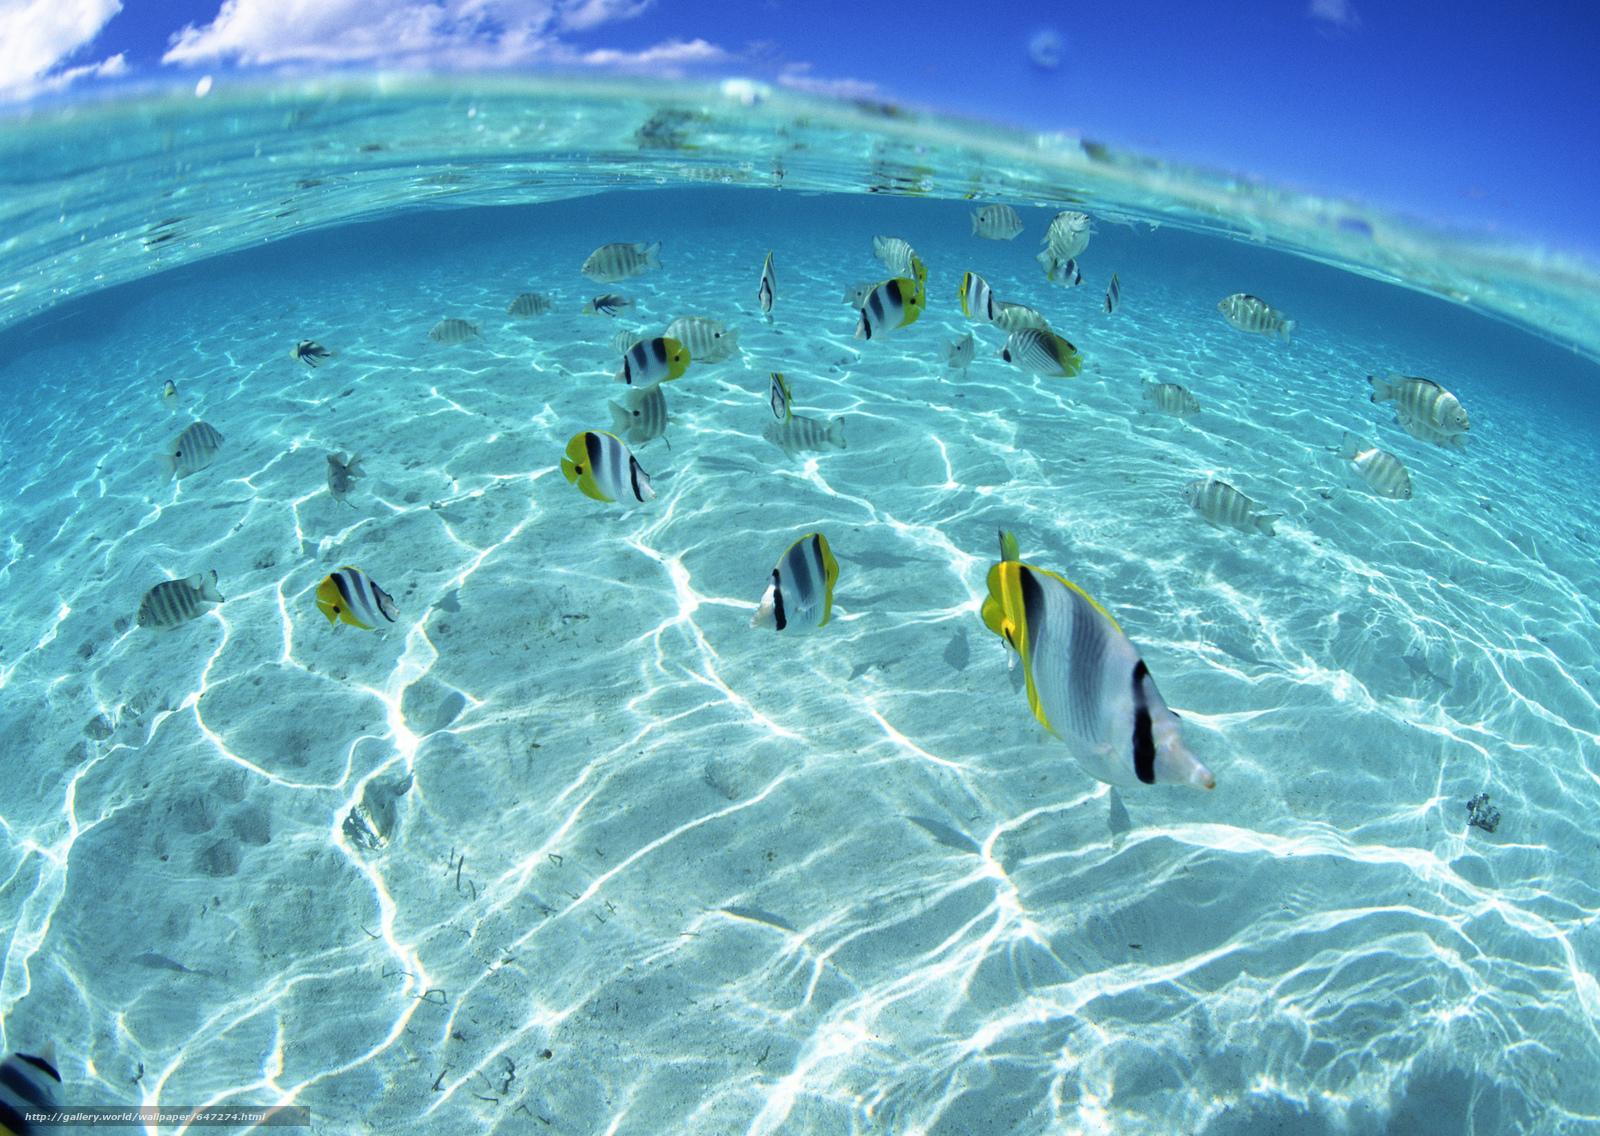 Скачать обои море,  океан,  вода,  рыбки бесплатно для рабочего стола в разрешении 2950x2094 — картинка №647274